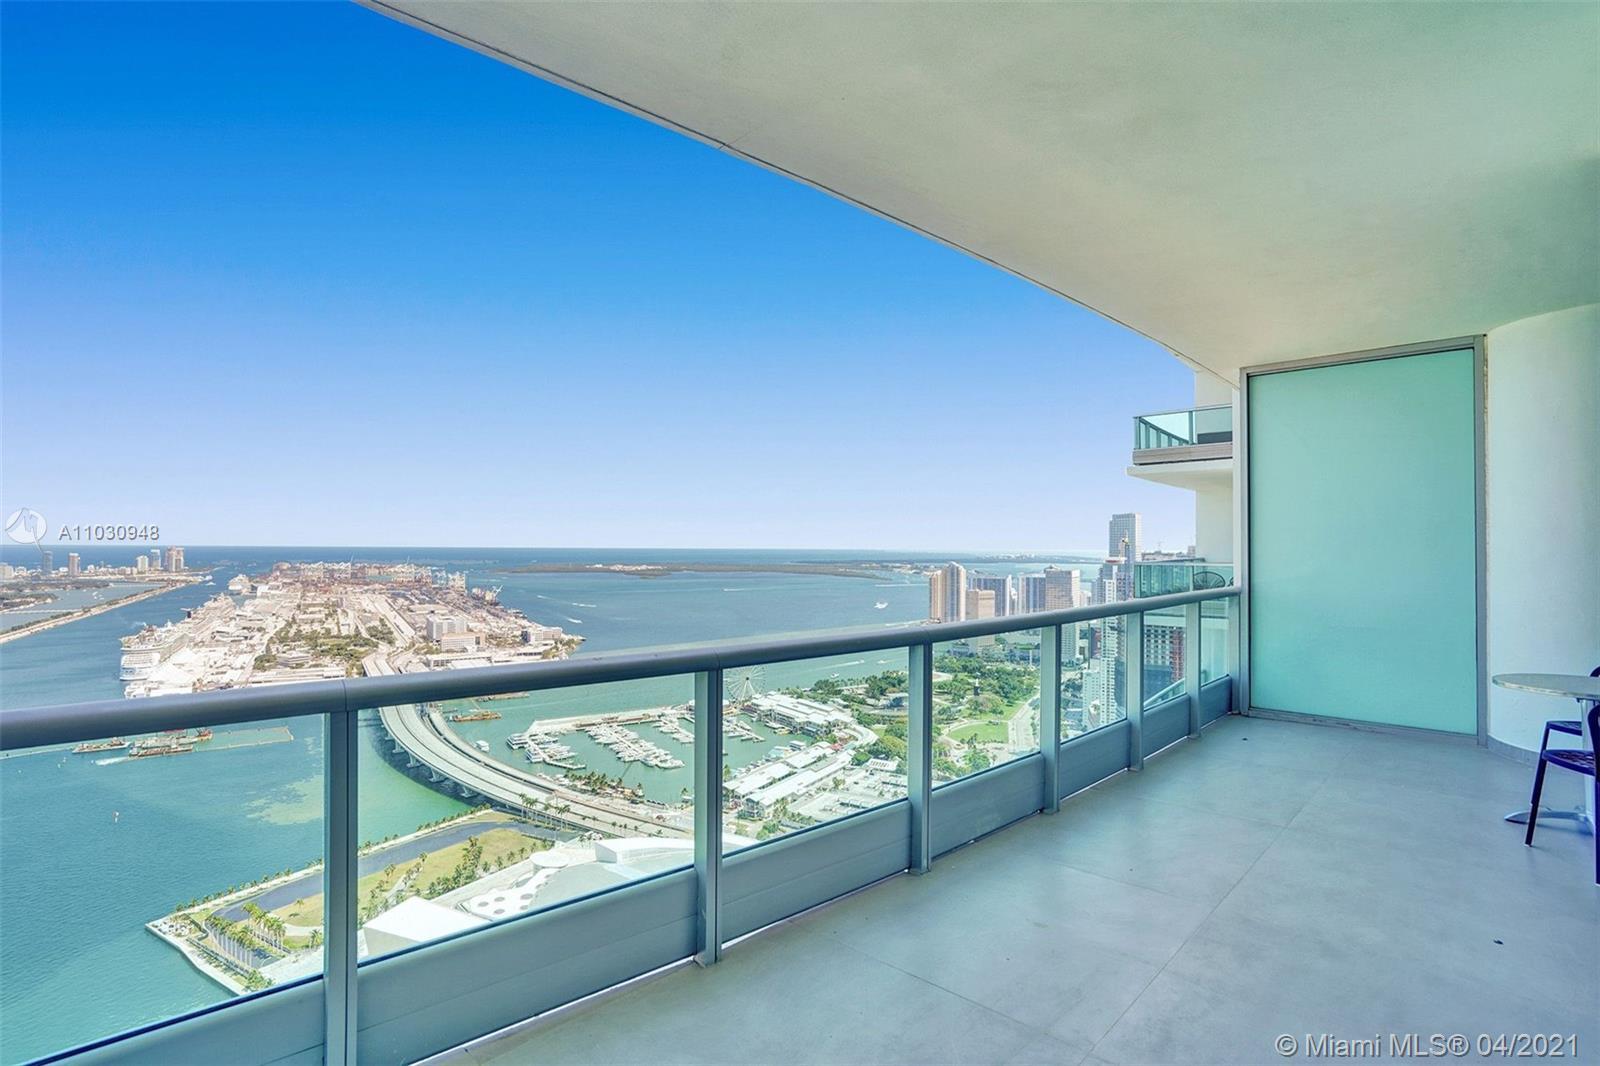 900 Biscayne Bay #6205 - 900 Biscayne Blvd #6205, Miami, FL 33132